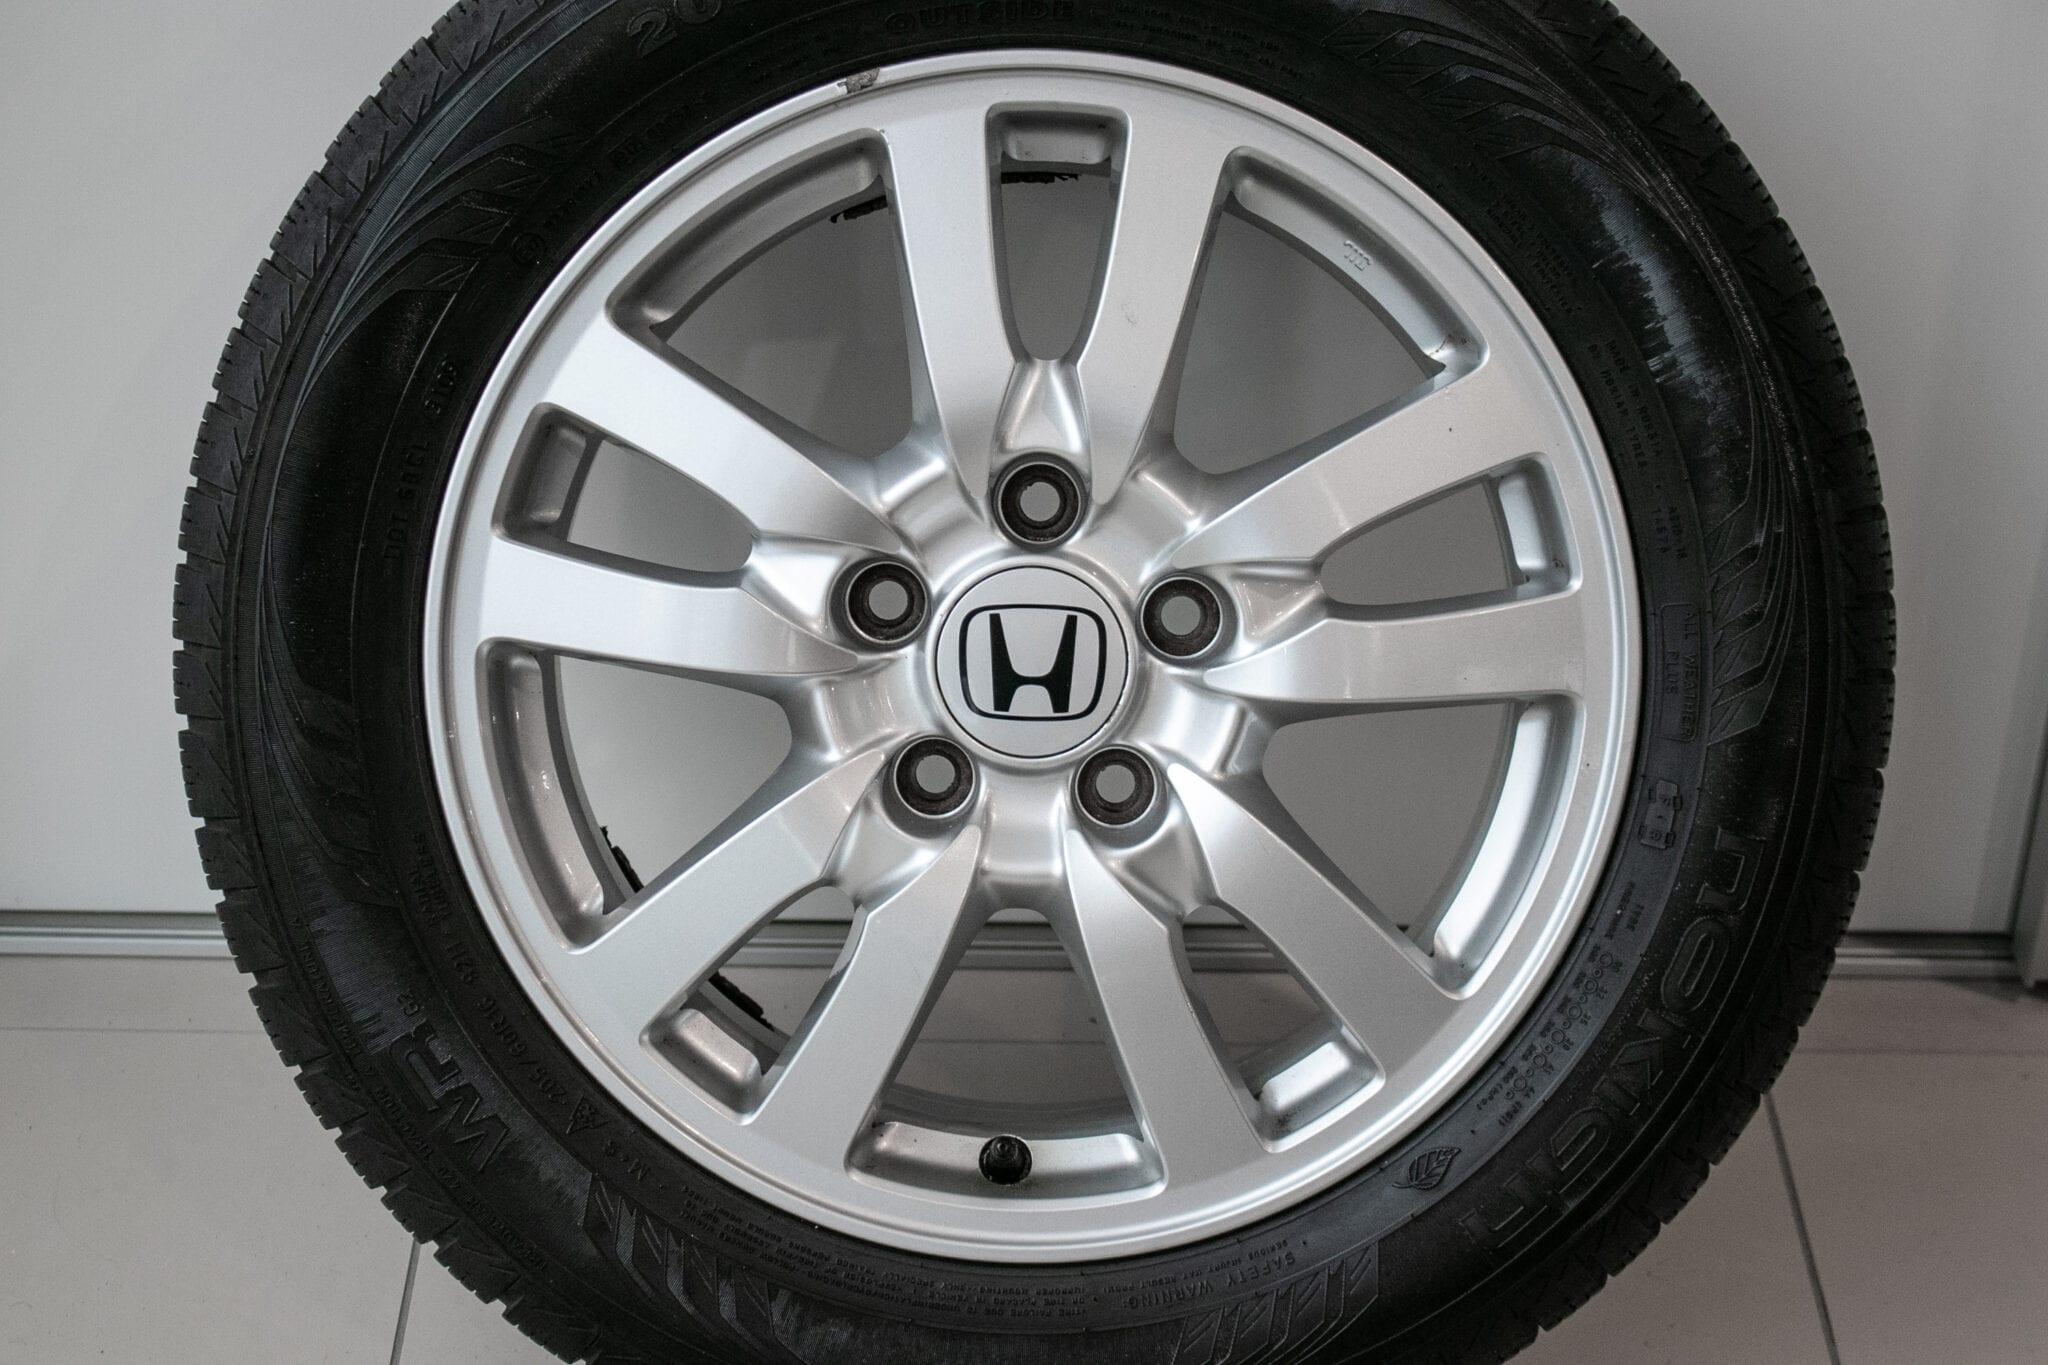 """16"""" Winterwielen voor de Honda Accord ('09>) €350,- Gebruikt. Profieldiepte: 5.1mm - 5.9mm"""